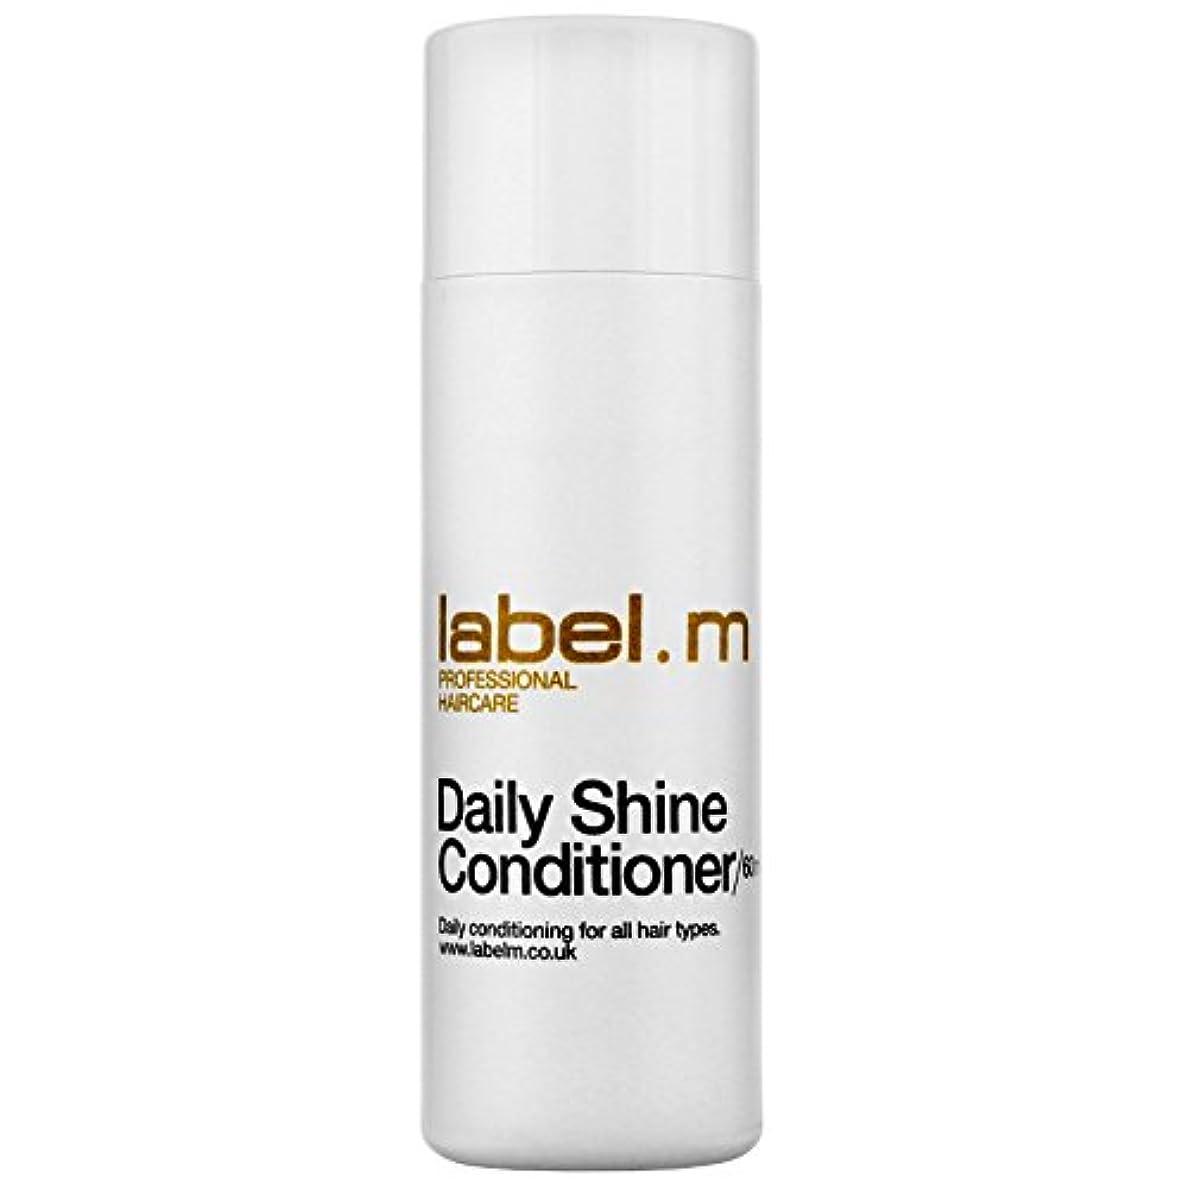 廃止廃止スクリーチLabel.M Professional Haircare ラベルMデイリーシャインコンディショナー60ミリリットルによって条件